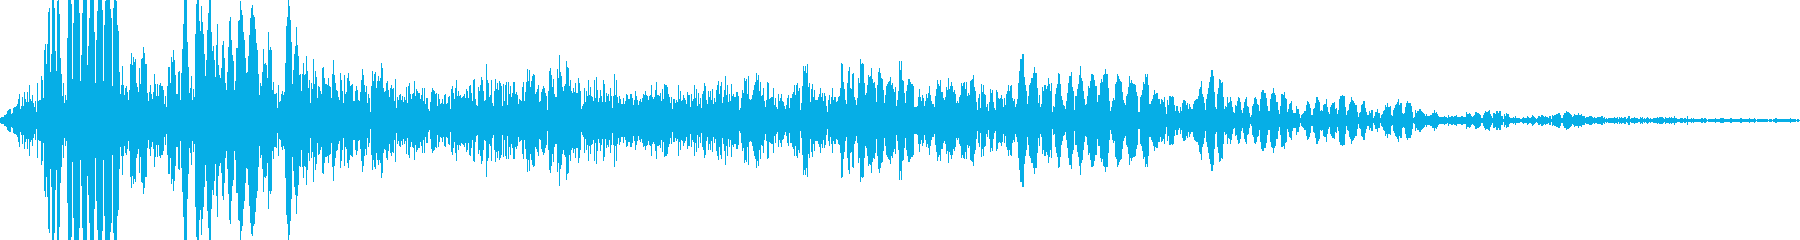 ミリタリータンクガン:シングルショ...の再生済みの波形